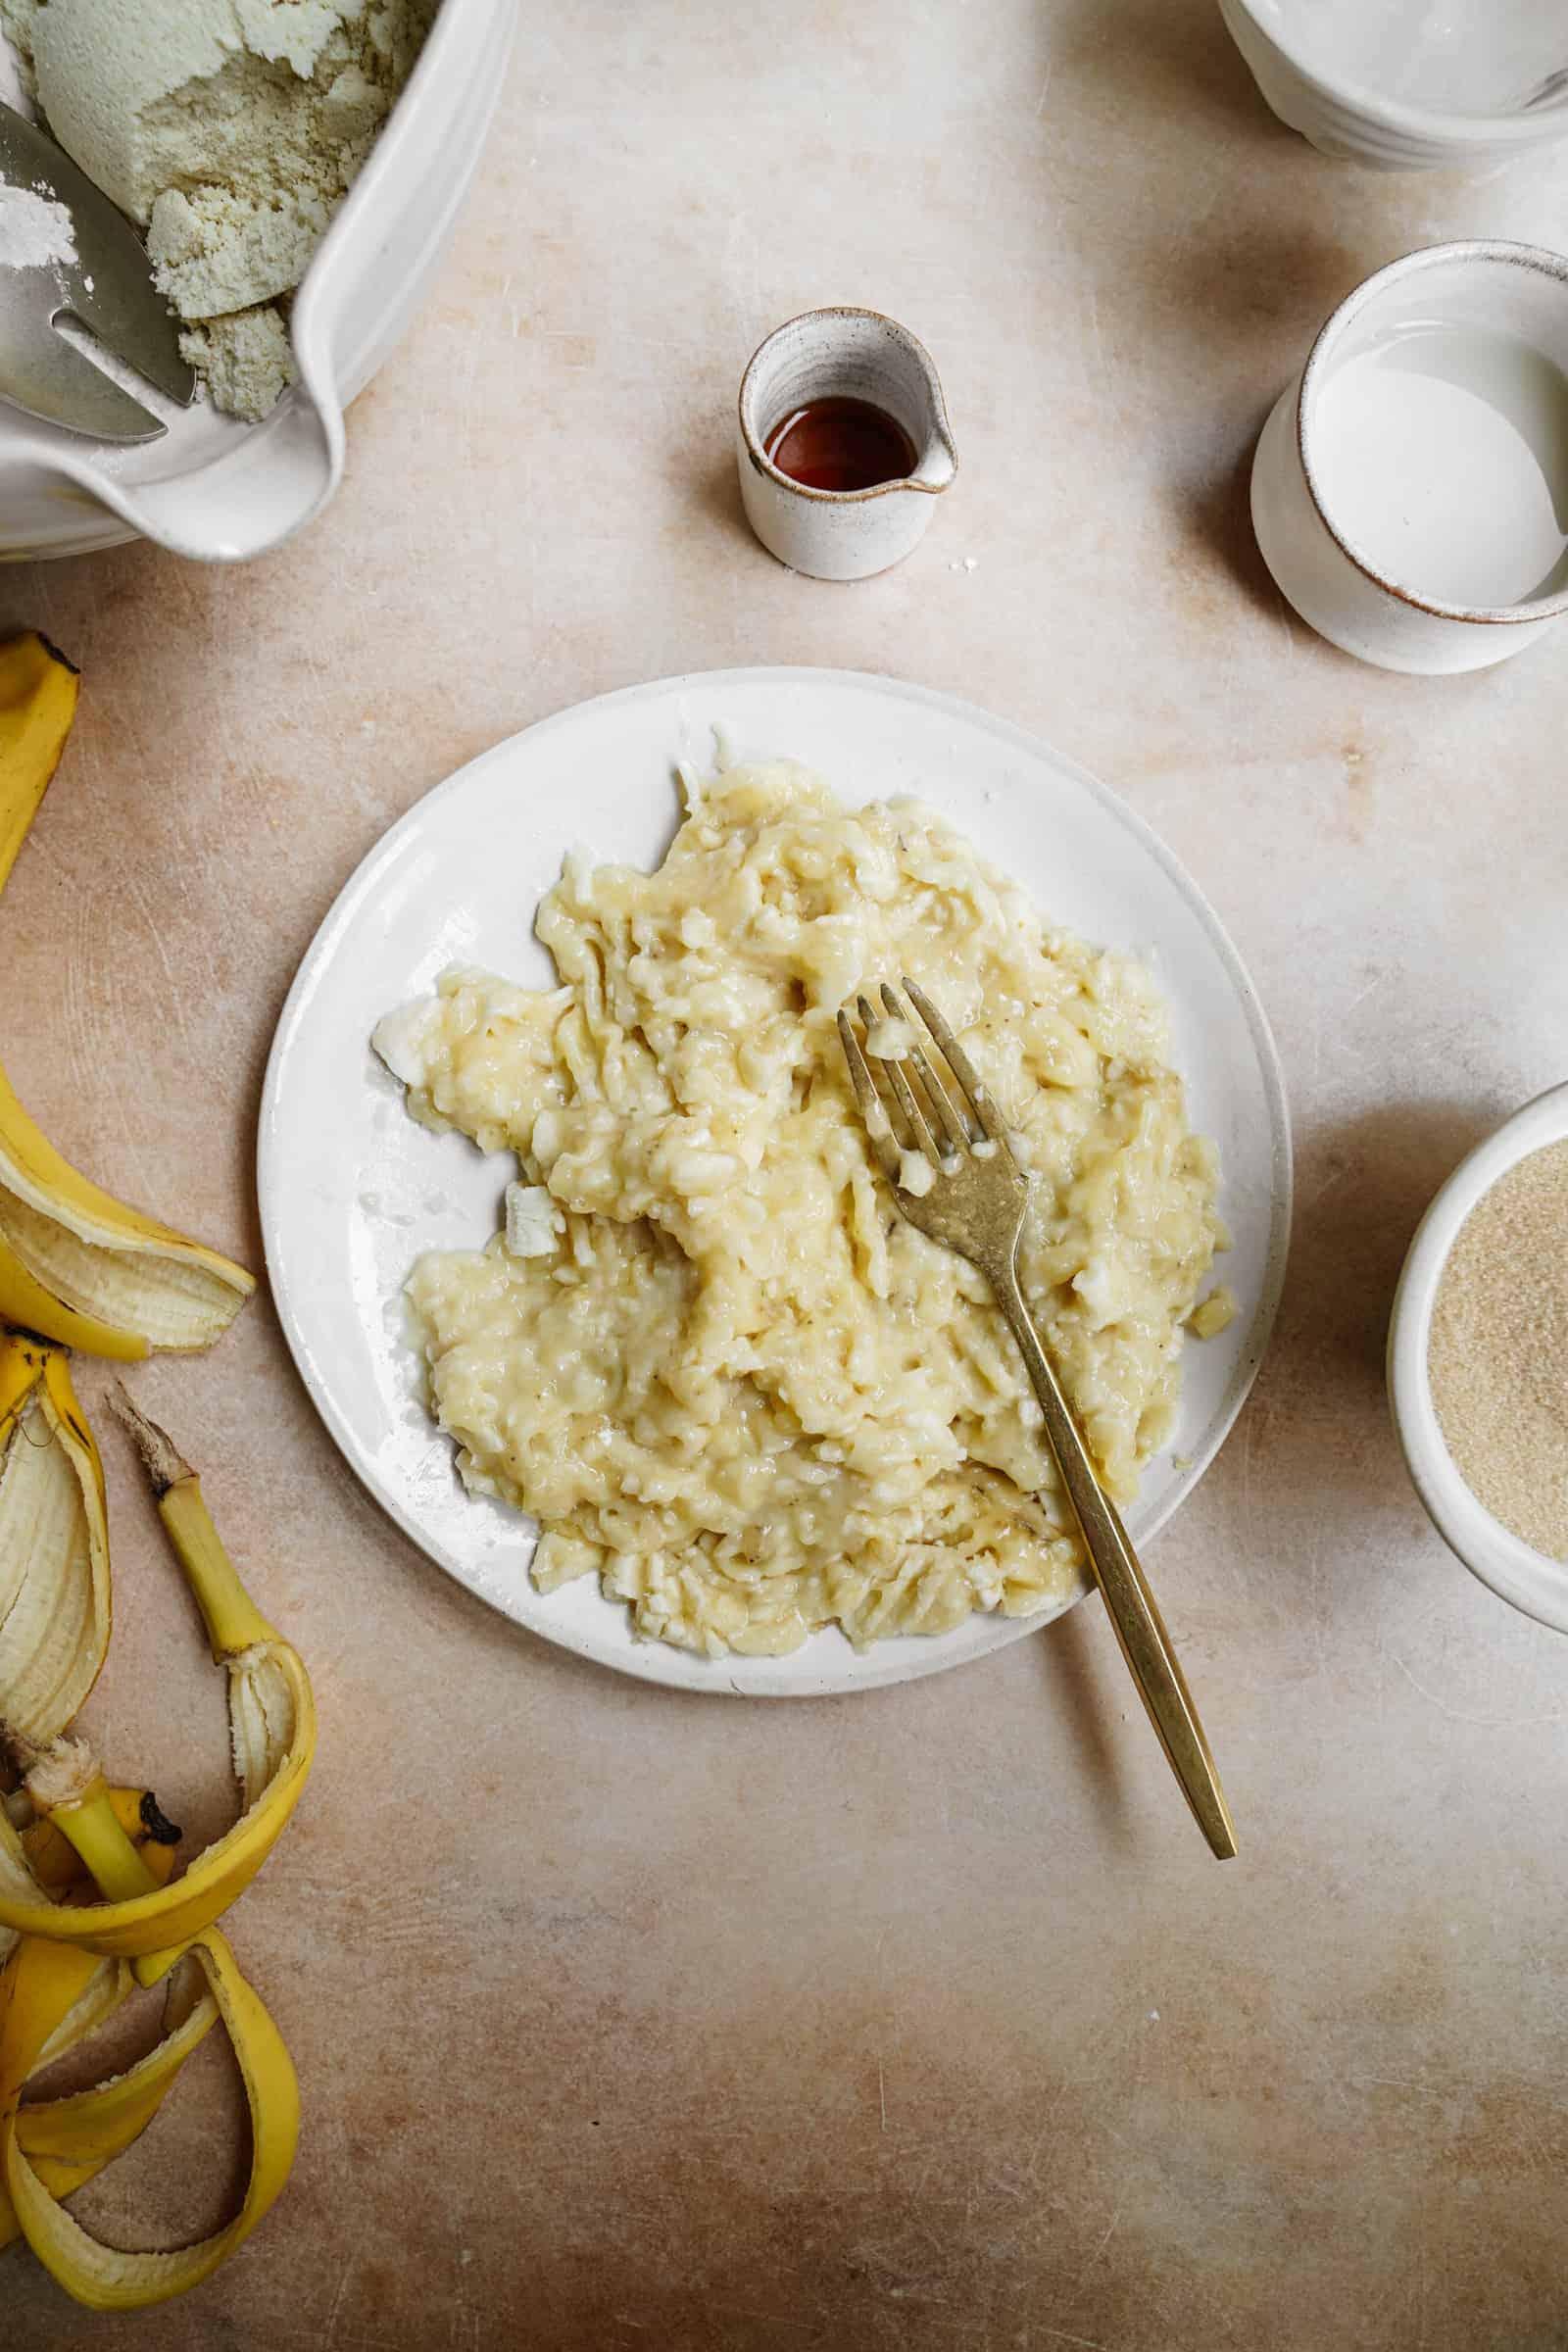 Mashed bananas for vegan muffins